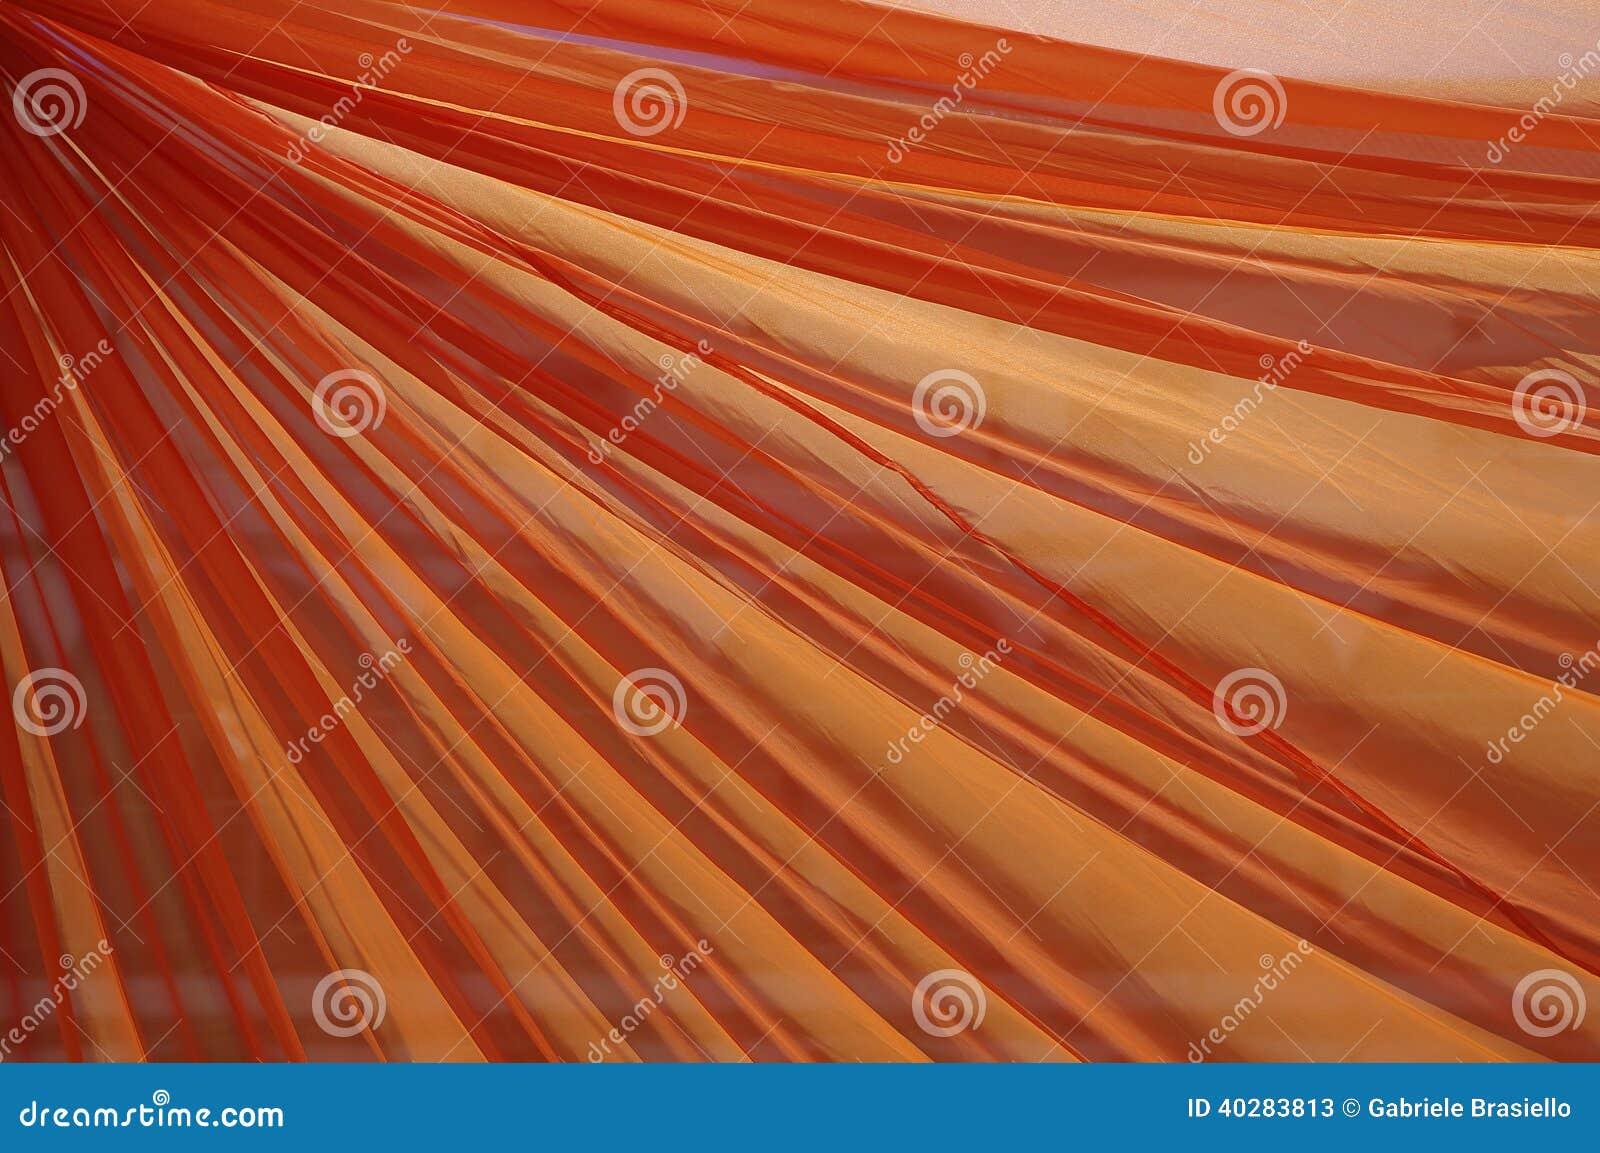 Оранжевый занавес